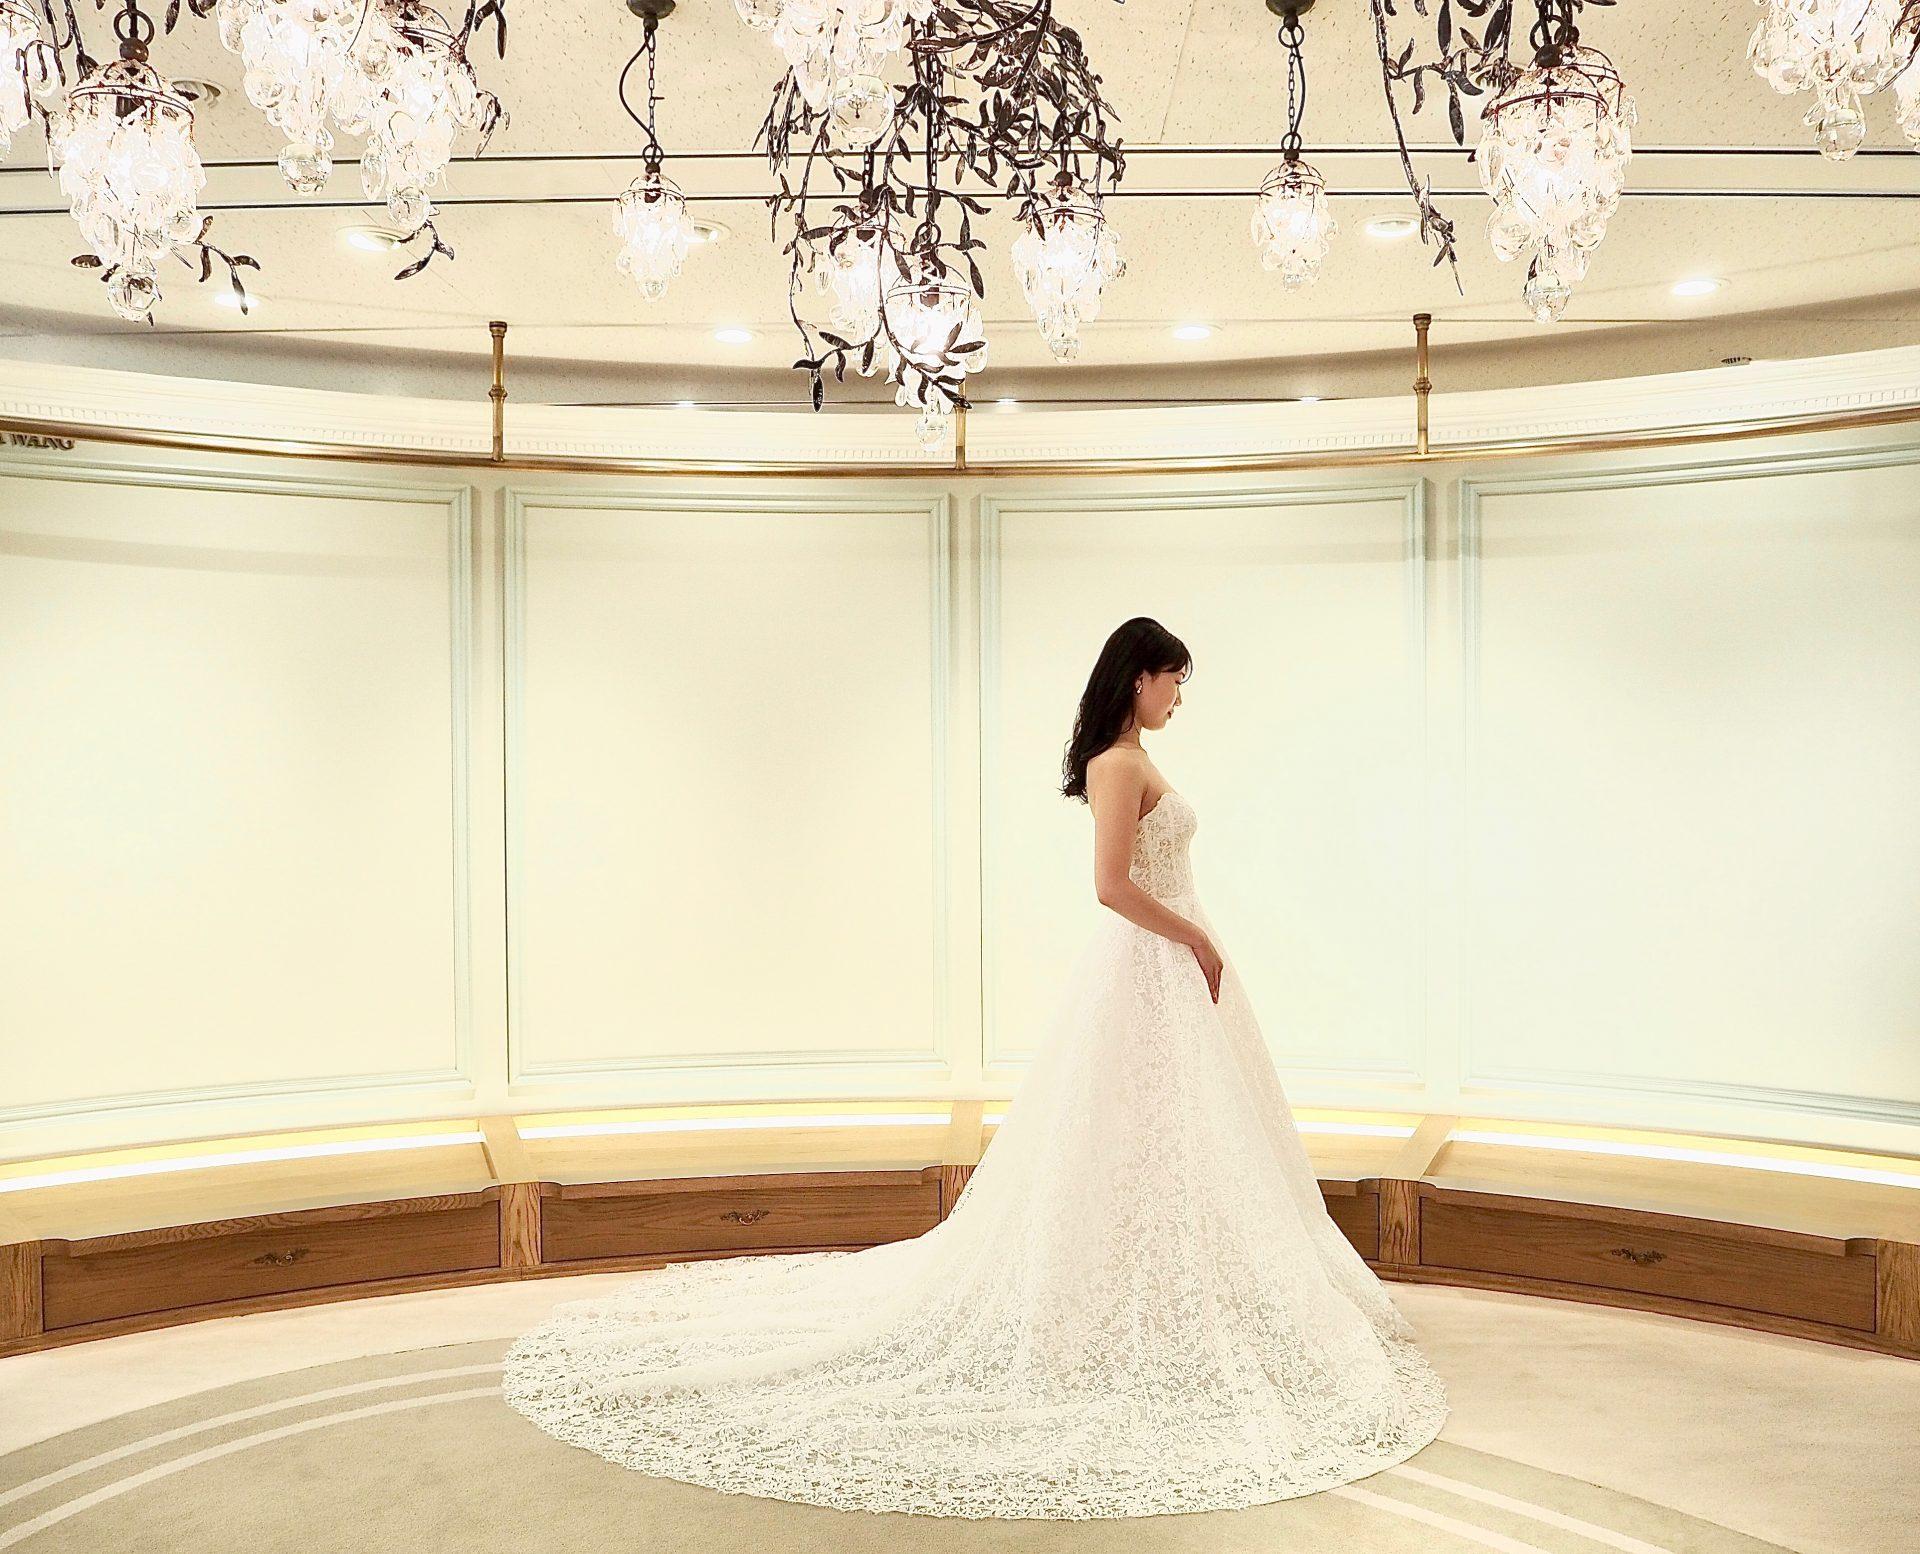 京都エリアでお式を検討されている花嫁様へご紹介したい360度どの角度からみてもクラシカルでエレガントな印象のトレーンの長い総レースのウェディングドレス